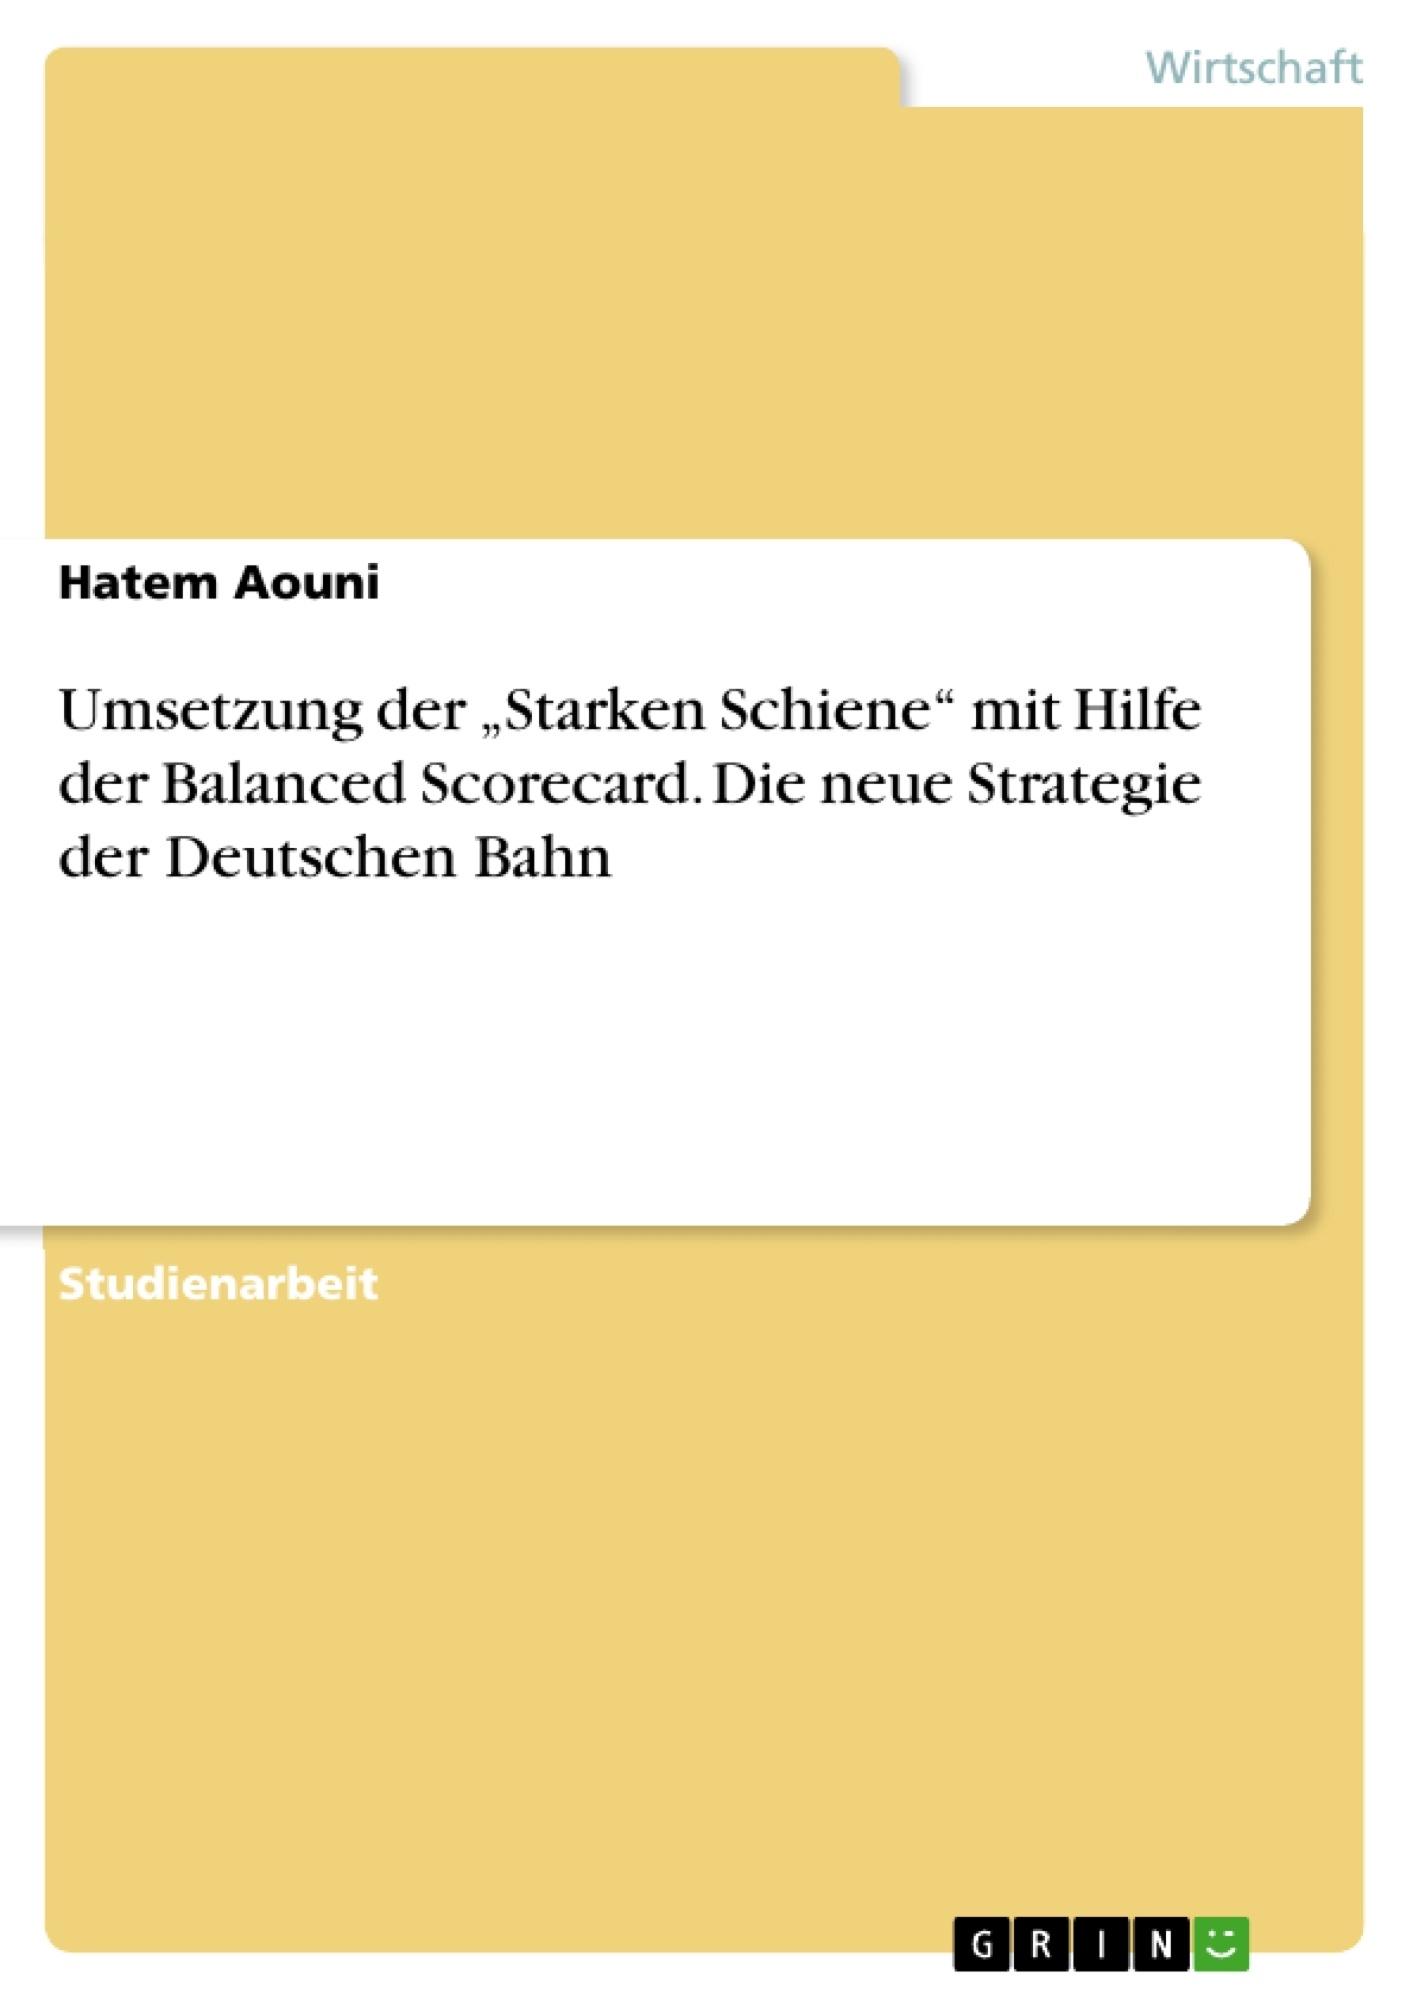 """Titel: Umsetzung der """"Starken Schiene"""" mit Hilfe der Balanced Scorecard. Die neue Strategie der Deutschen Bahn"""